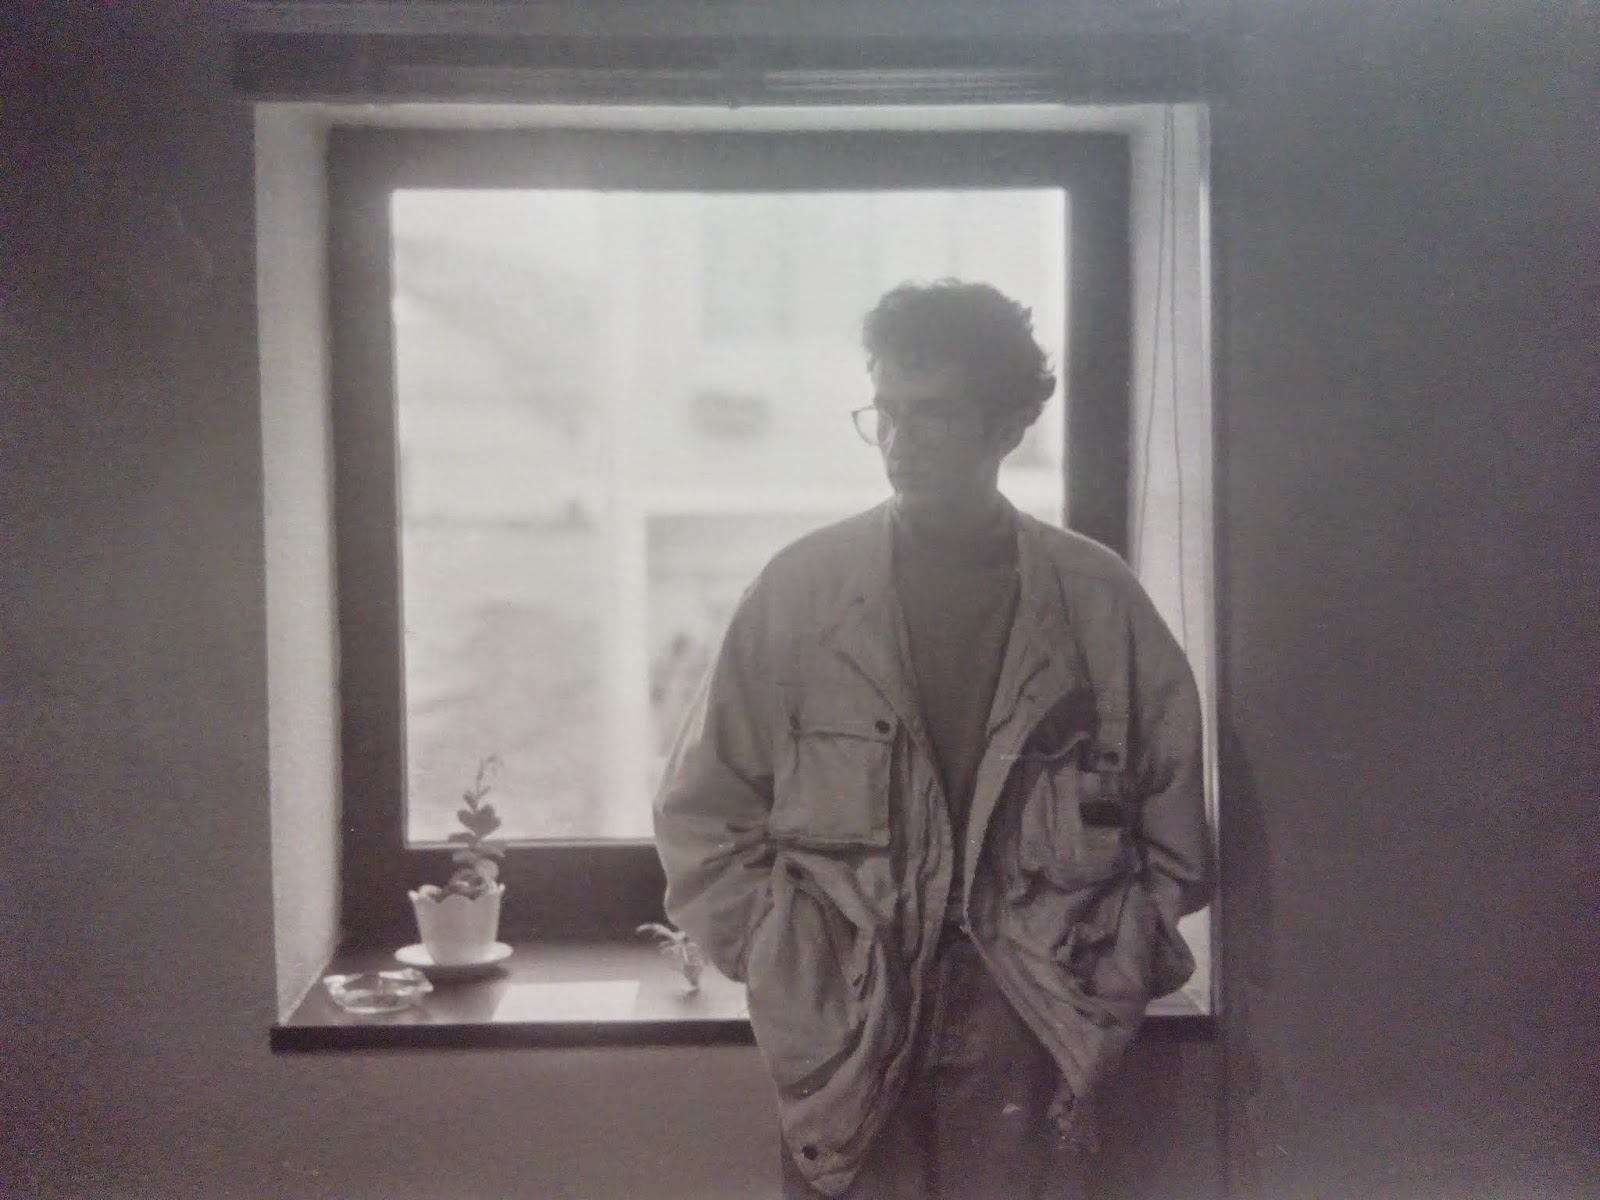 rodrigo garcia istillarty 1993